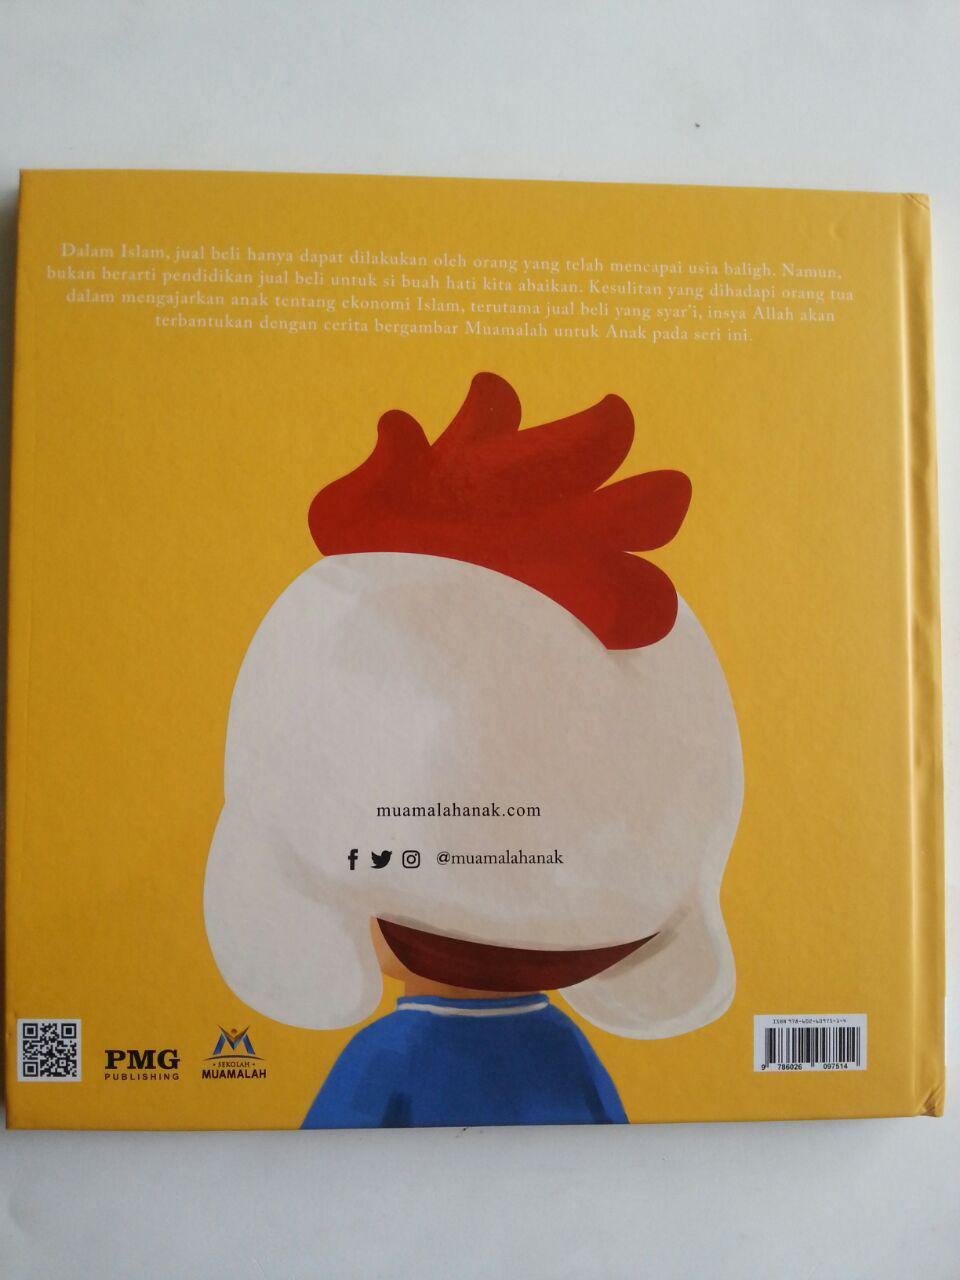 Buku Muamalah Untuk Anak Jual Beli Yang Terlarang cover